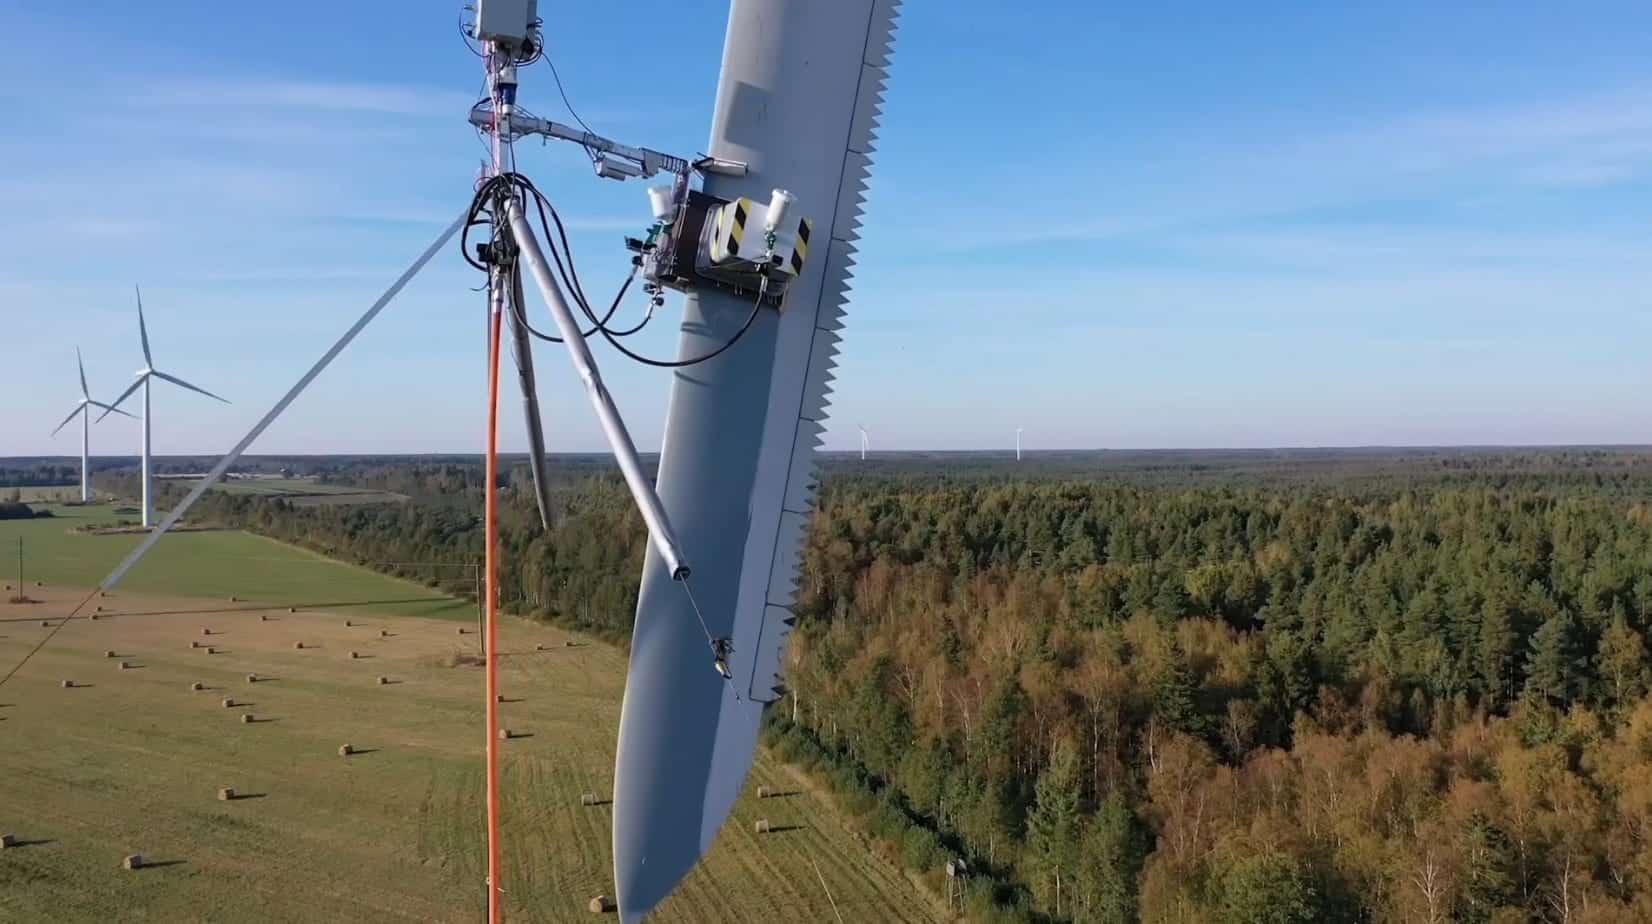 Aerones abandons industrial drones in favor of robotics